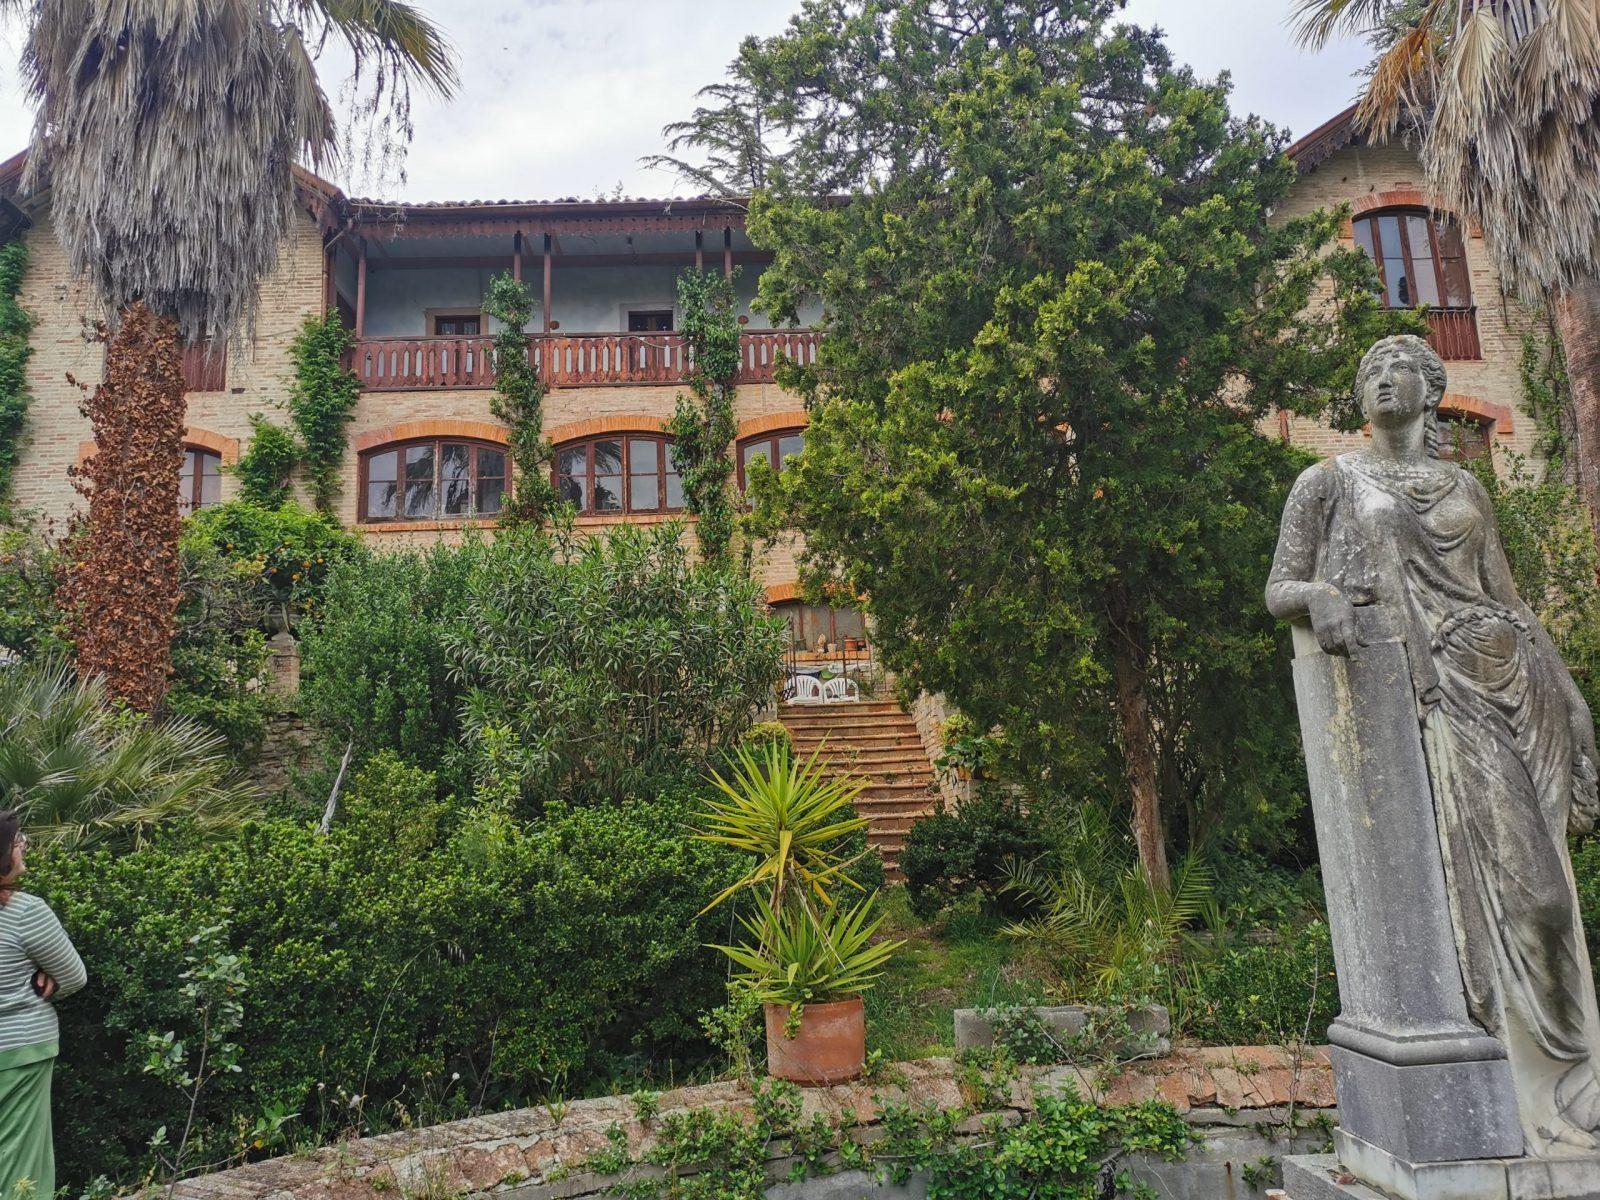 Villa antica a Porto San Giorgio Prezzo Interessante € 400.000,00